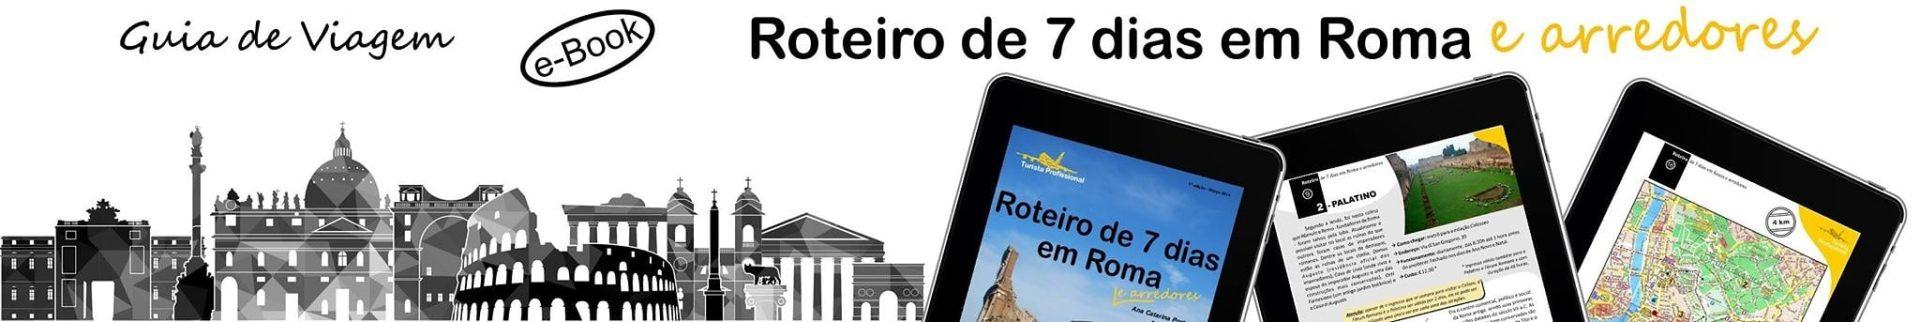 roteiro de 7 dias em roma - Dicas para visitar a Galeria Uffizi em Florença (sem fila)